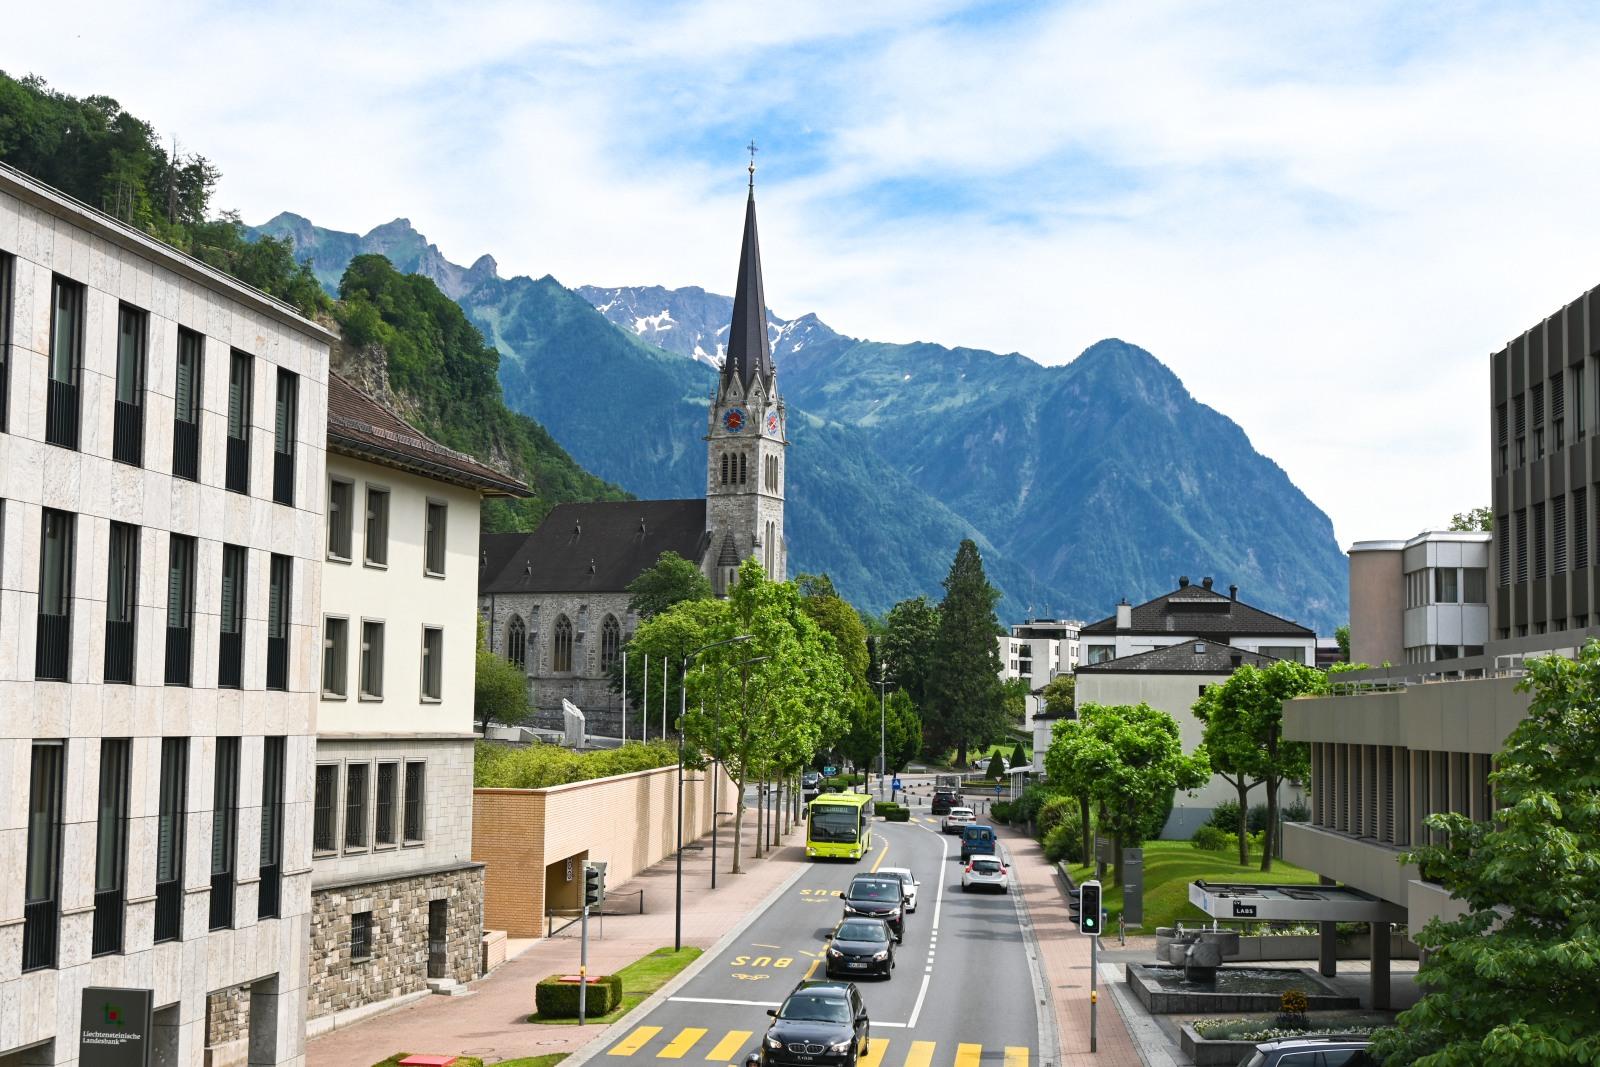 centrum Vaduzu